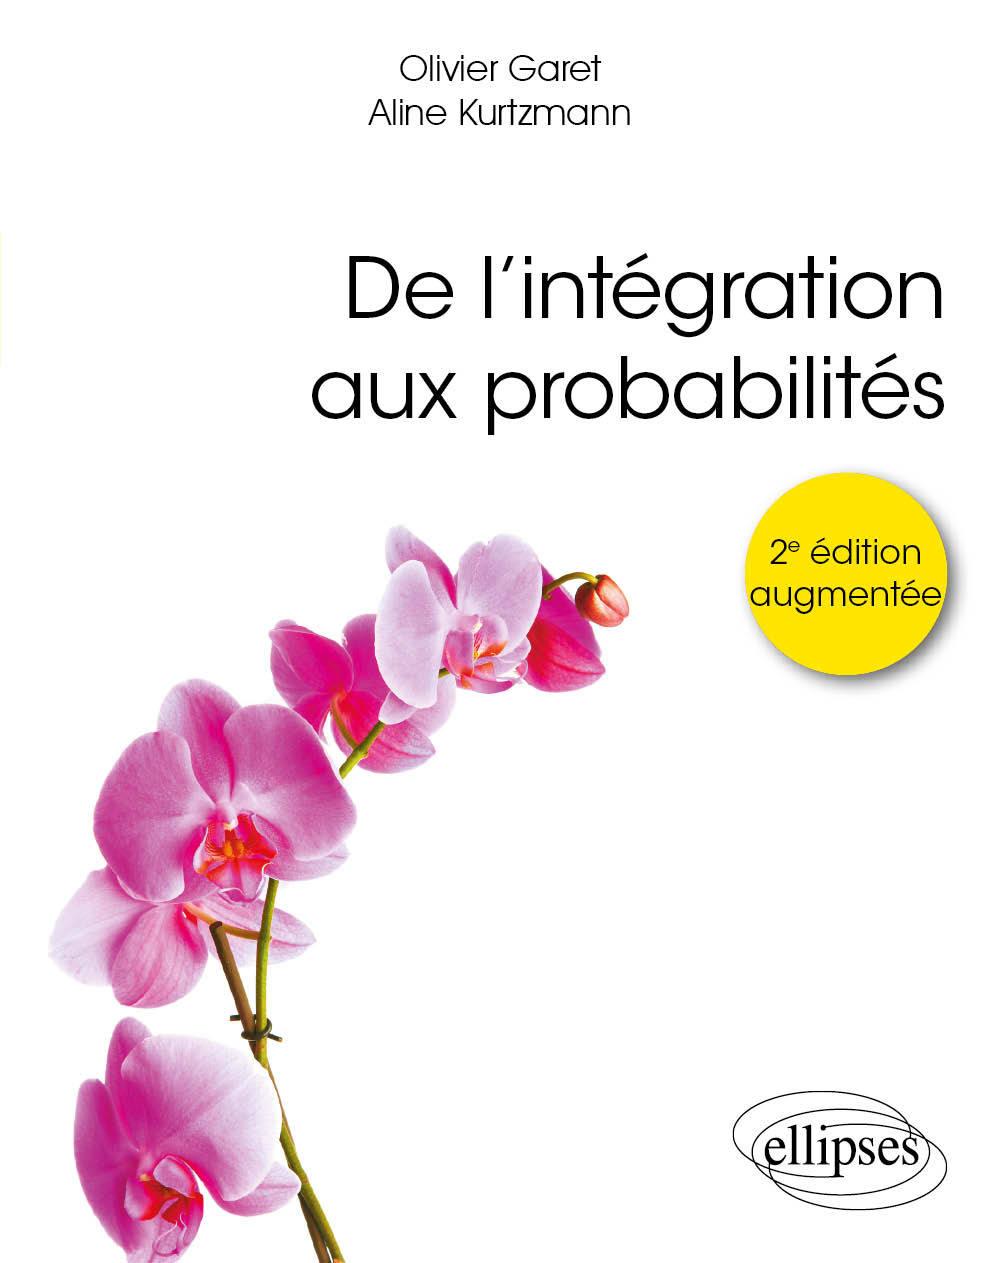 DE L'INTEGRATION AUX PROBABILITES - 2E EDITION AUGMENTEE